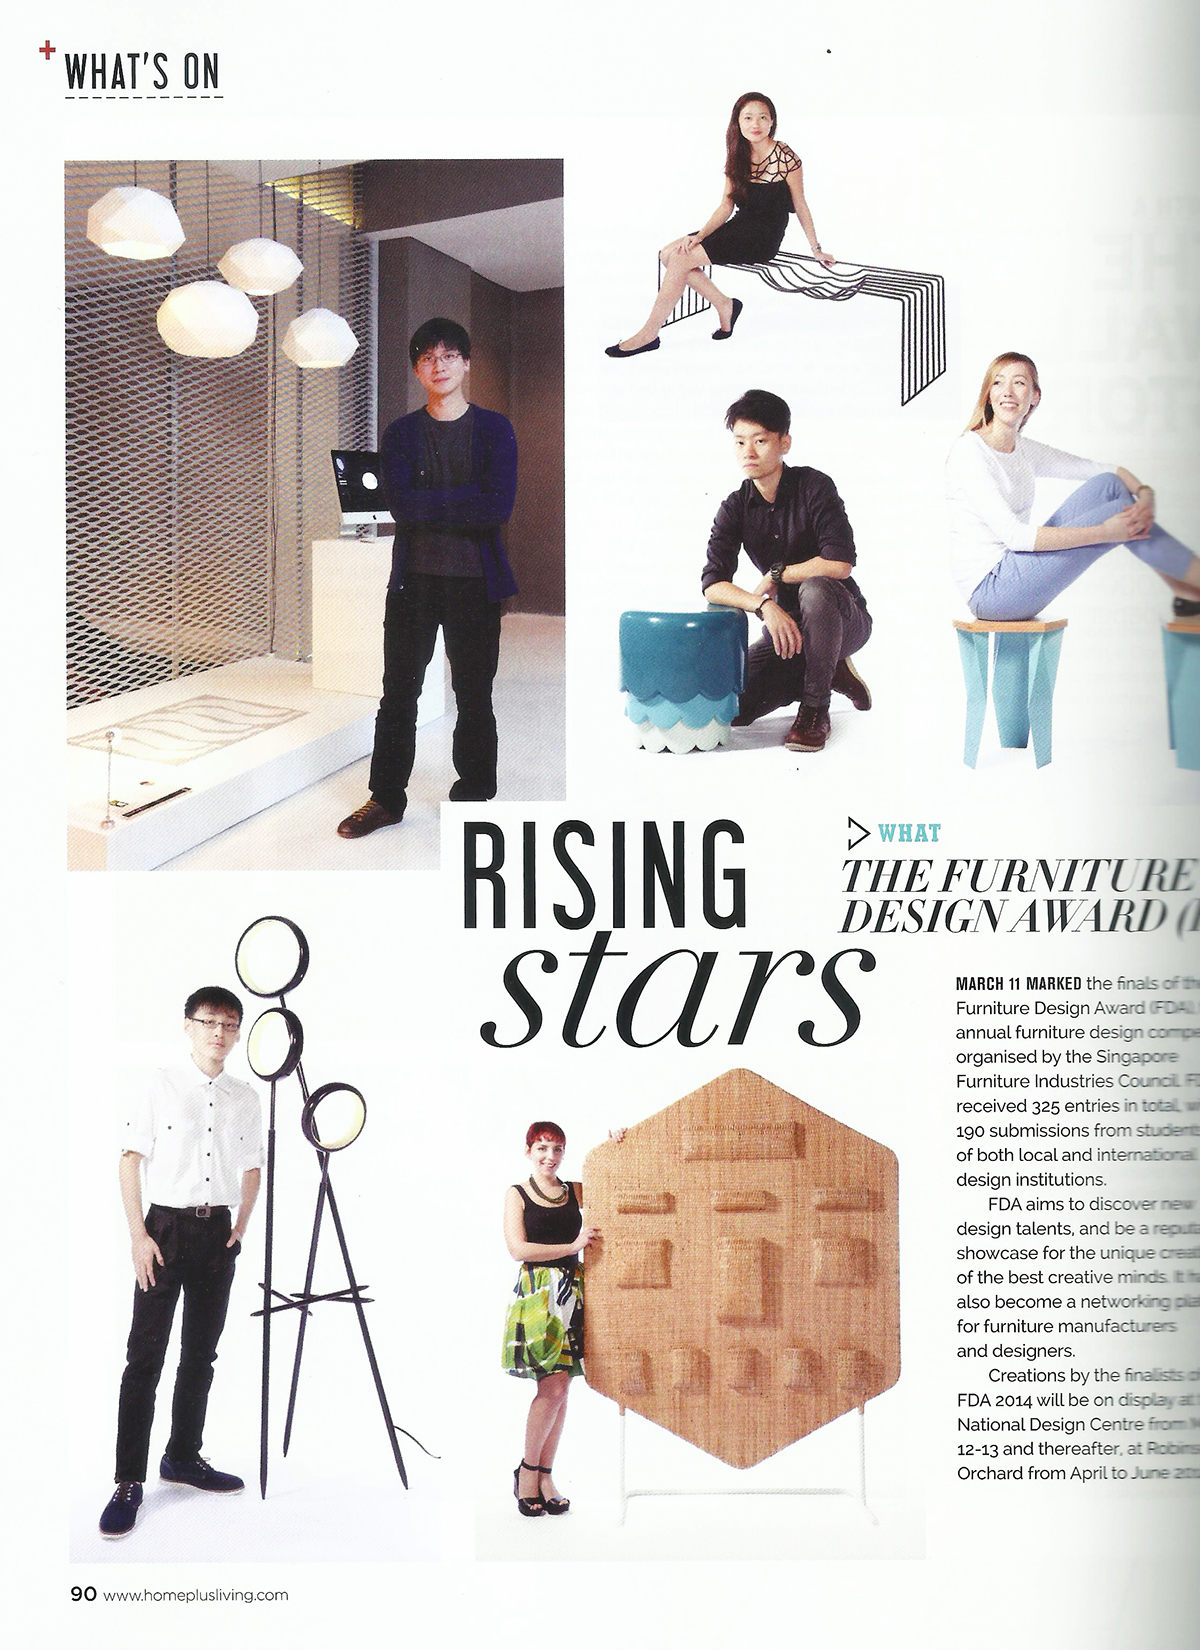 Furniture Design Award 2014 n i s h i k i g o - furniture design award 2014 on behance